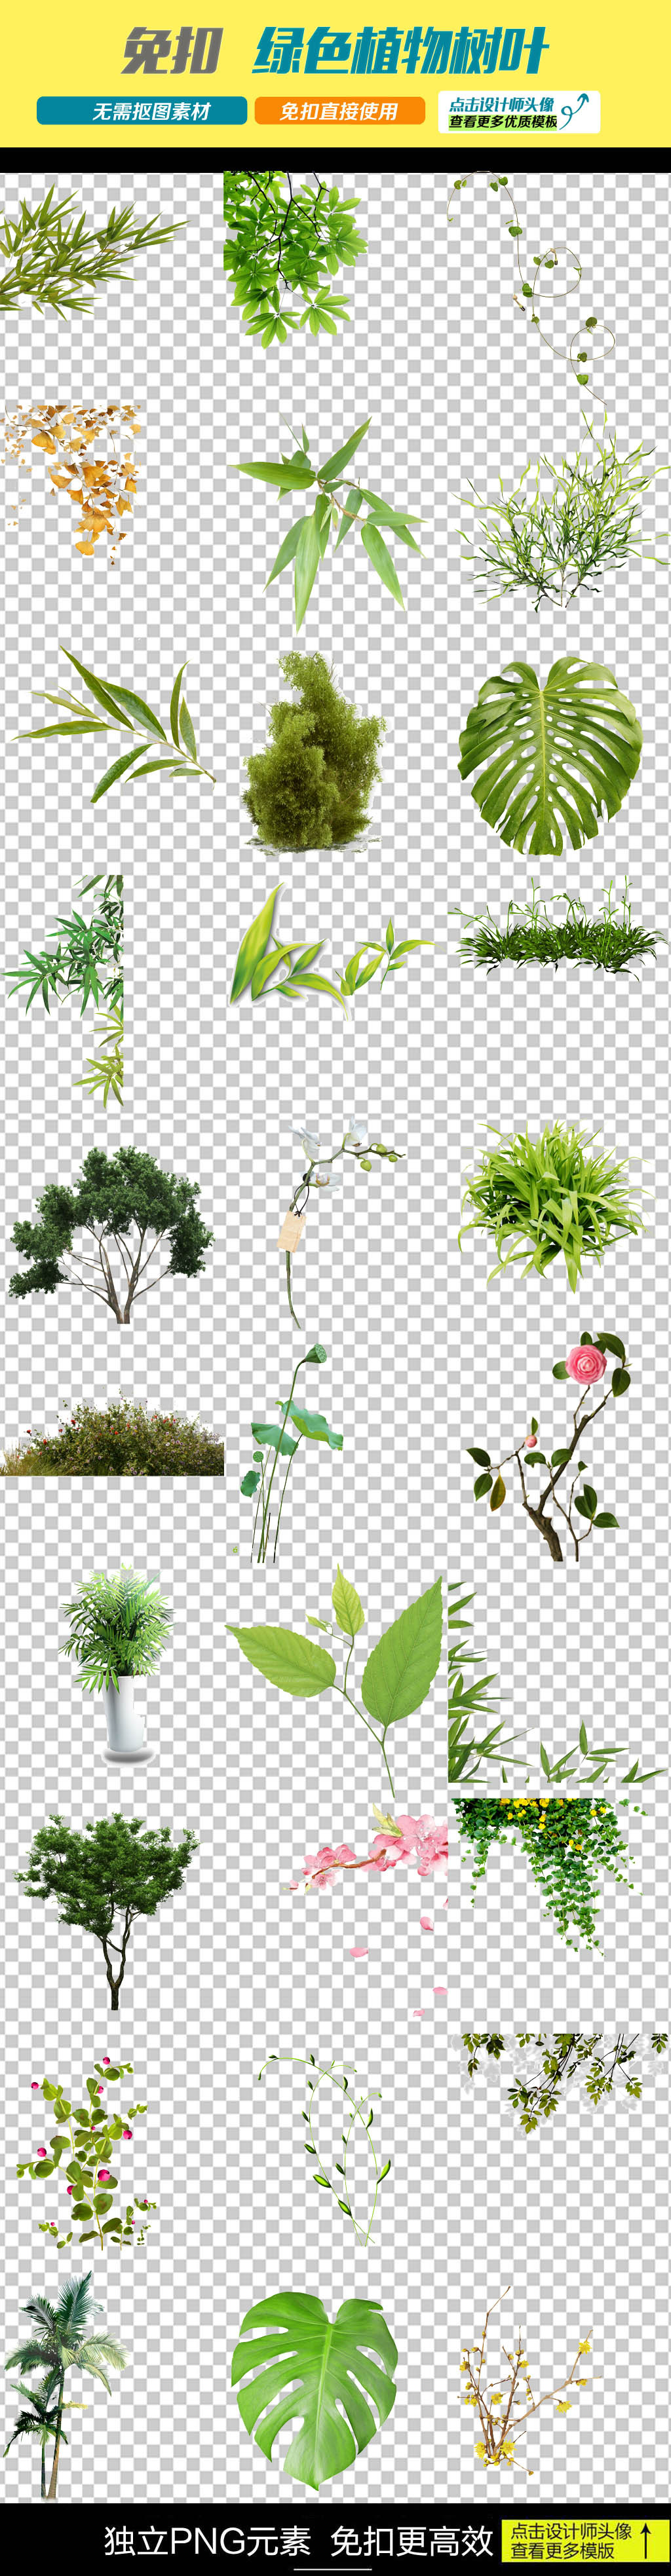 绿色植物树叶漂浮藤蔓png素材